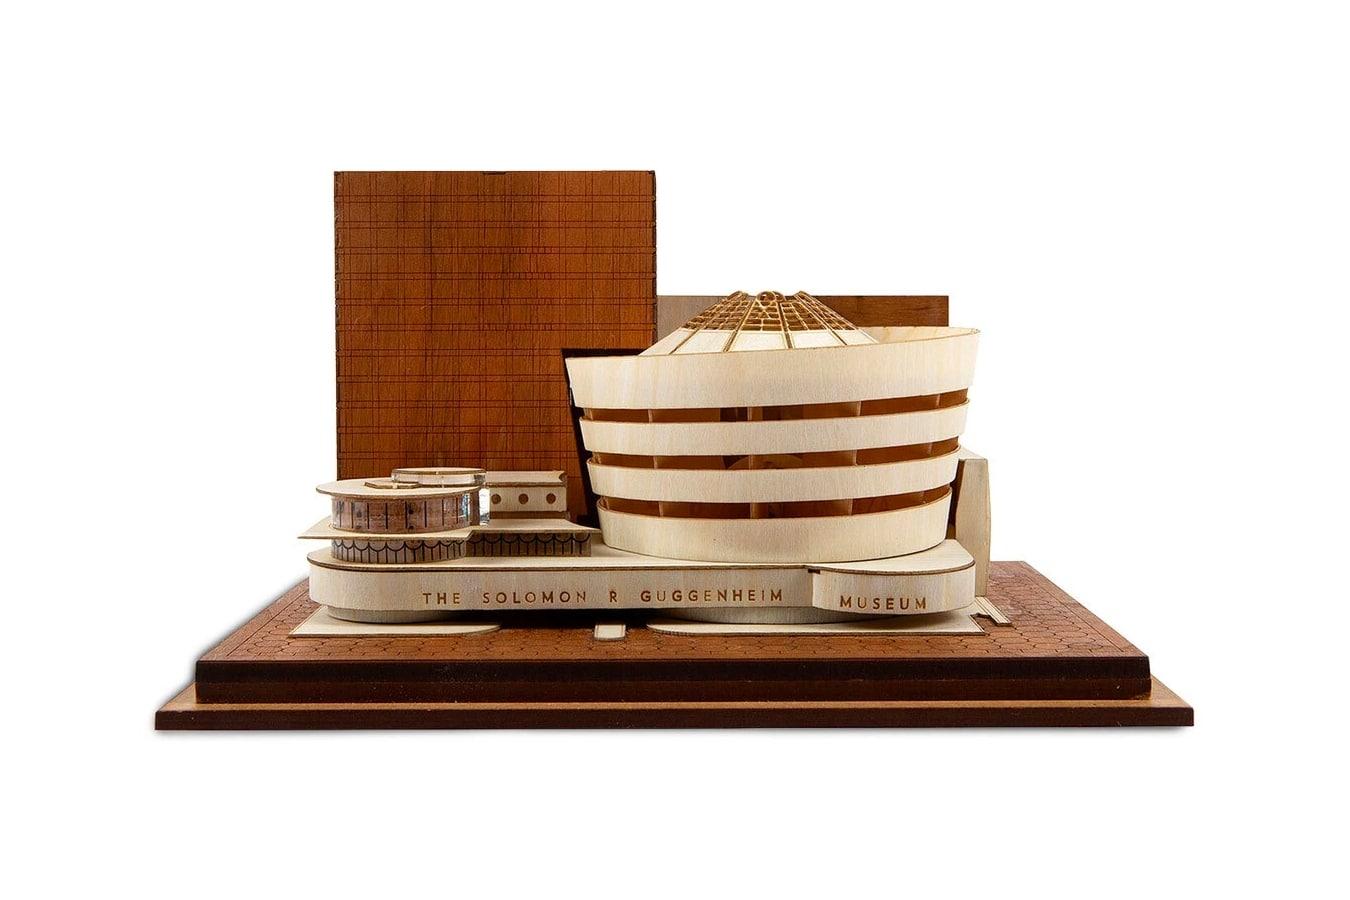 guggenheim museum model kit